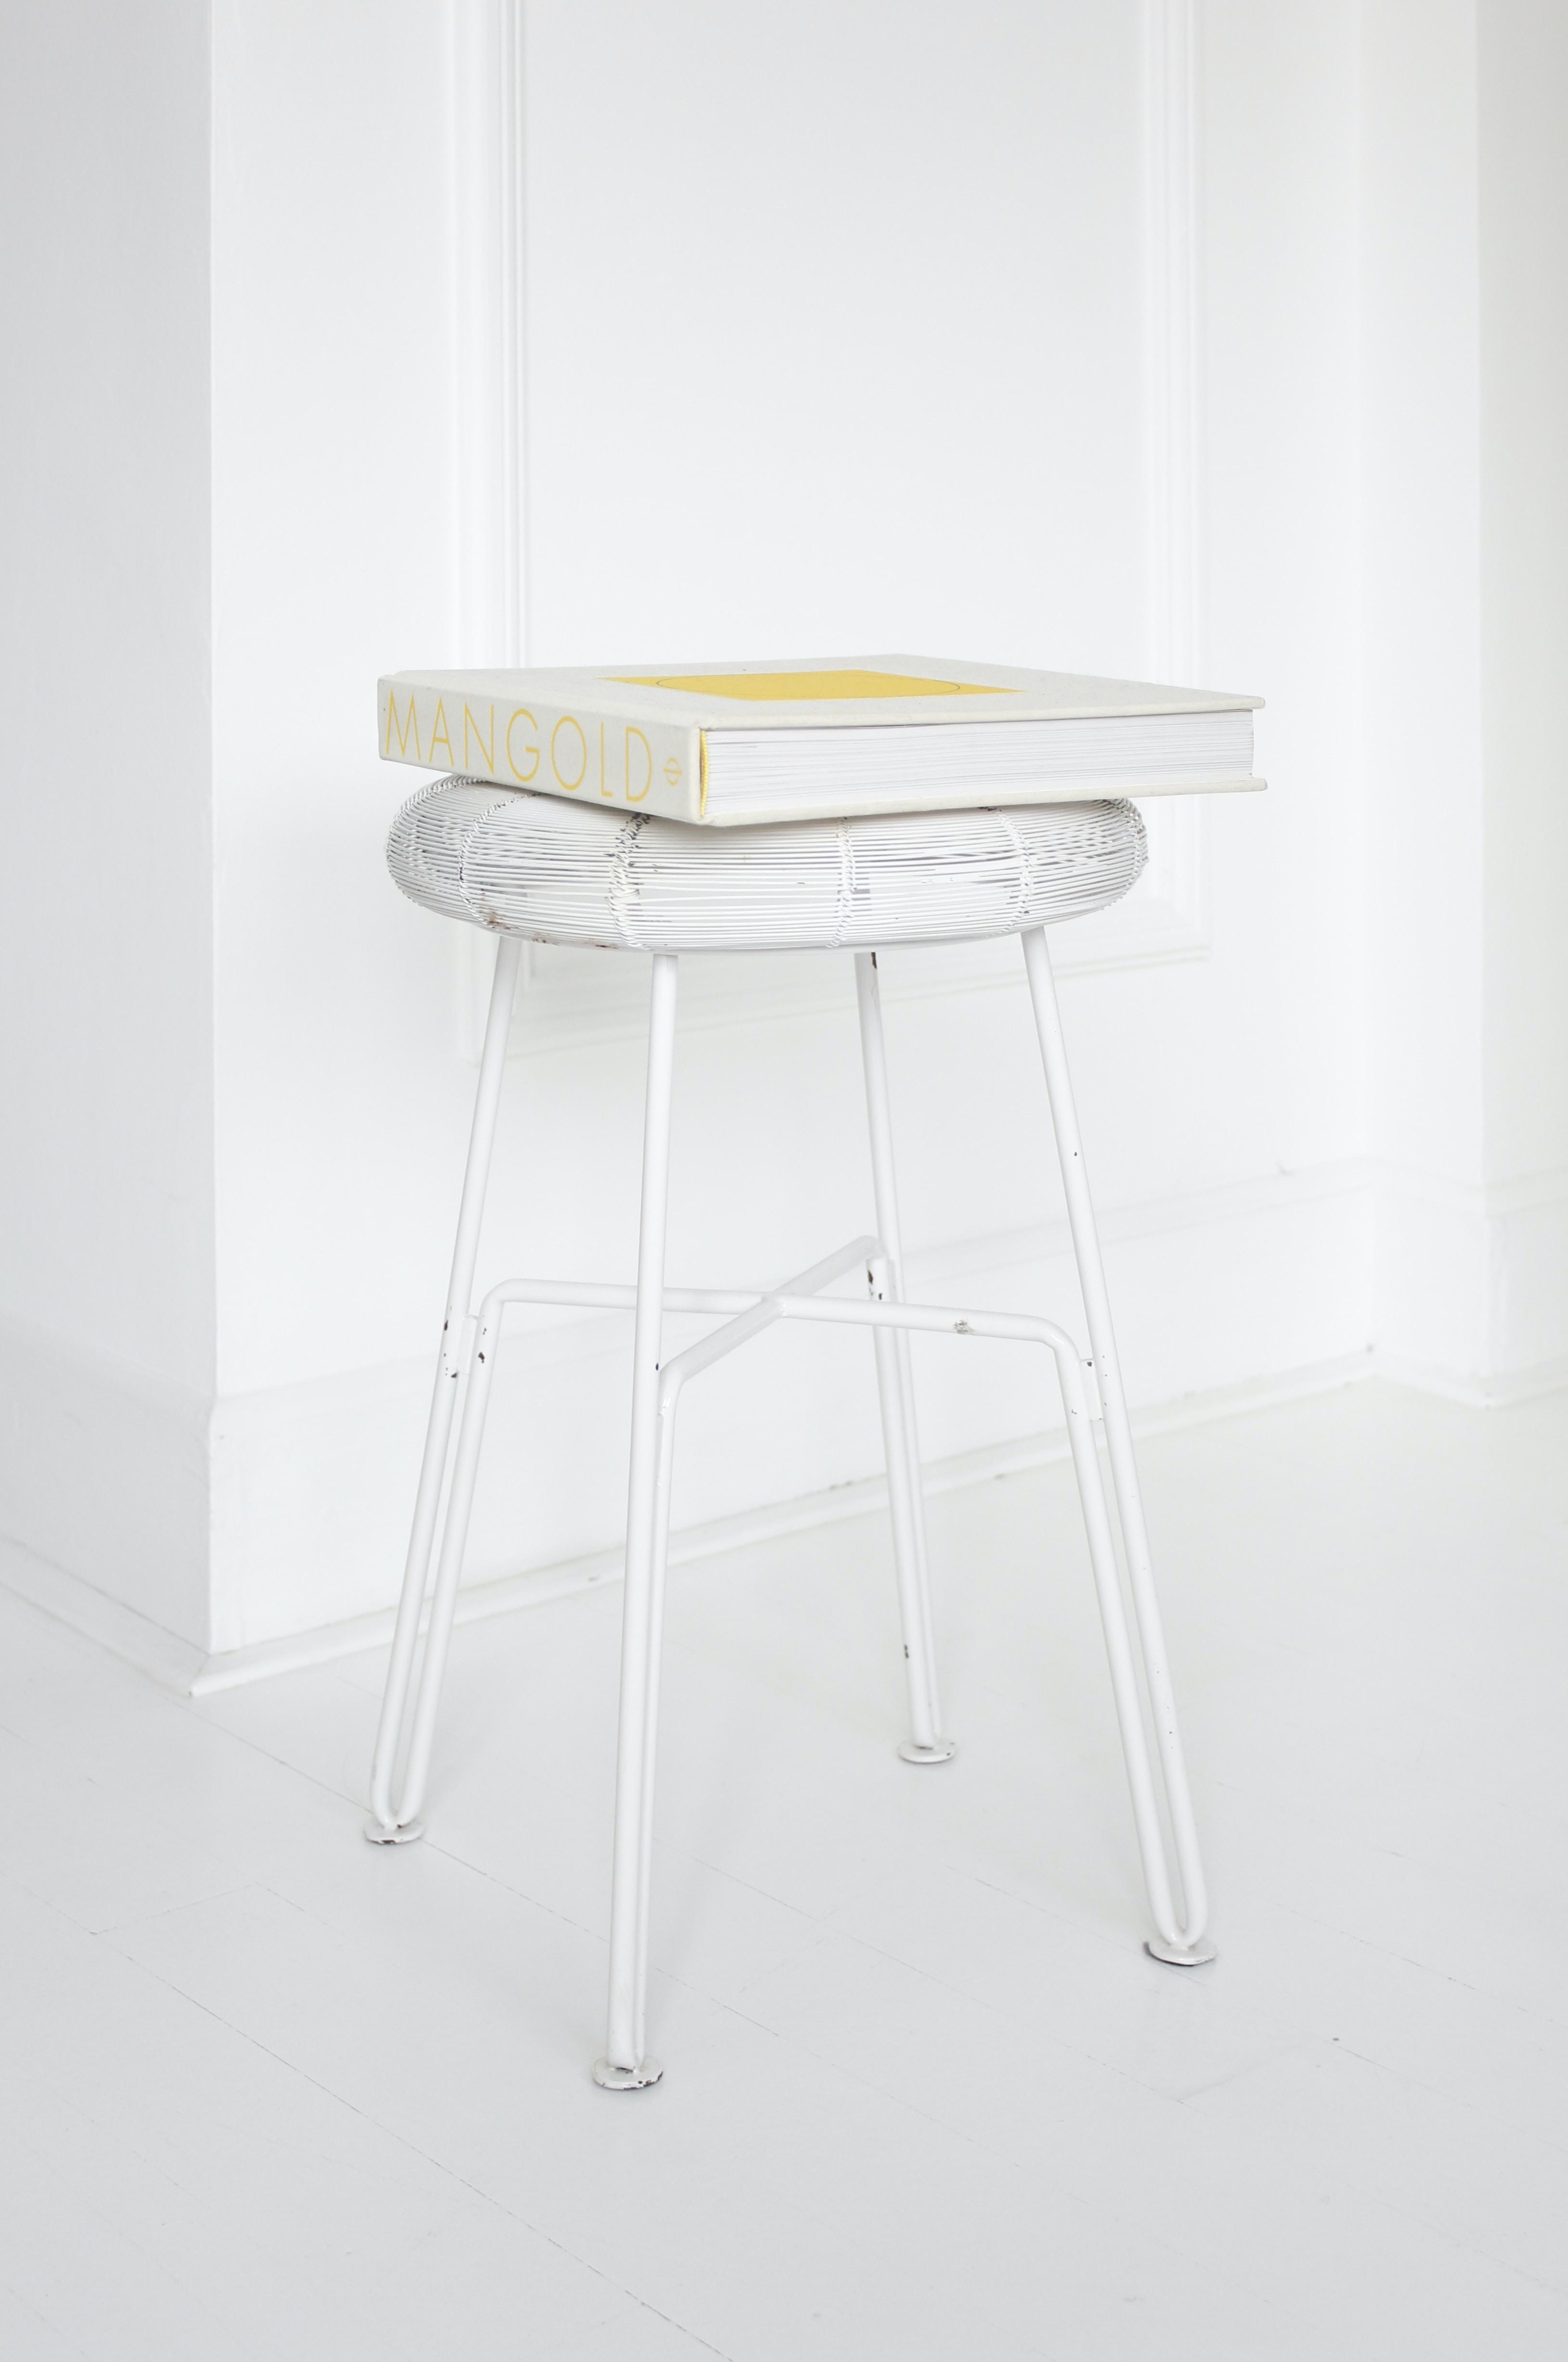 Mangold box on white stool